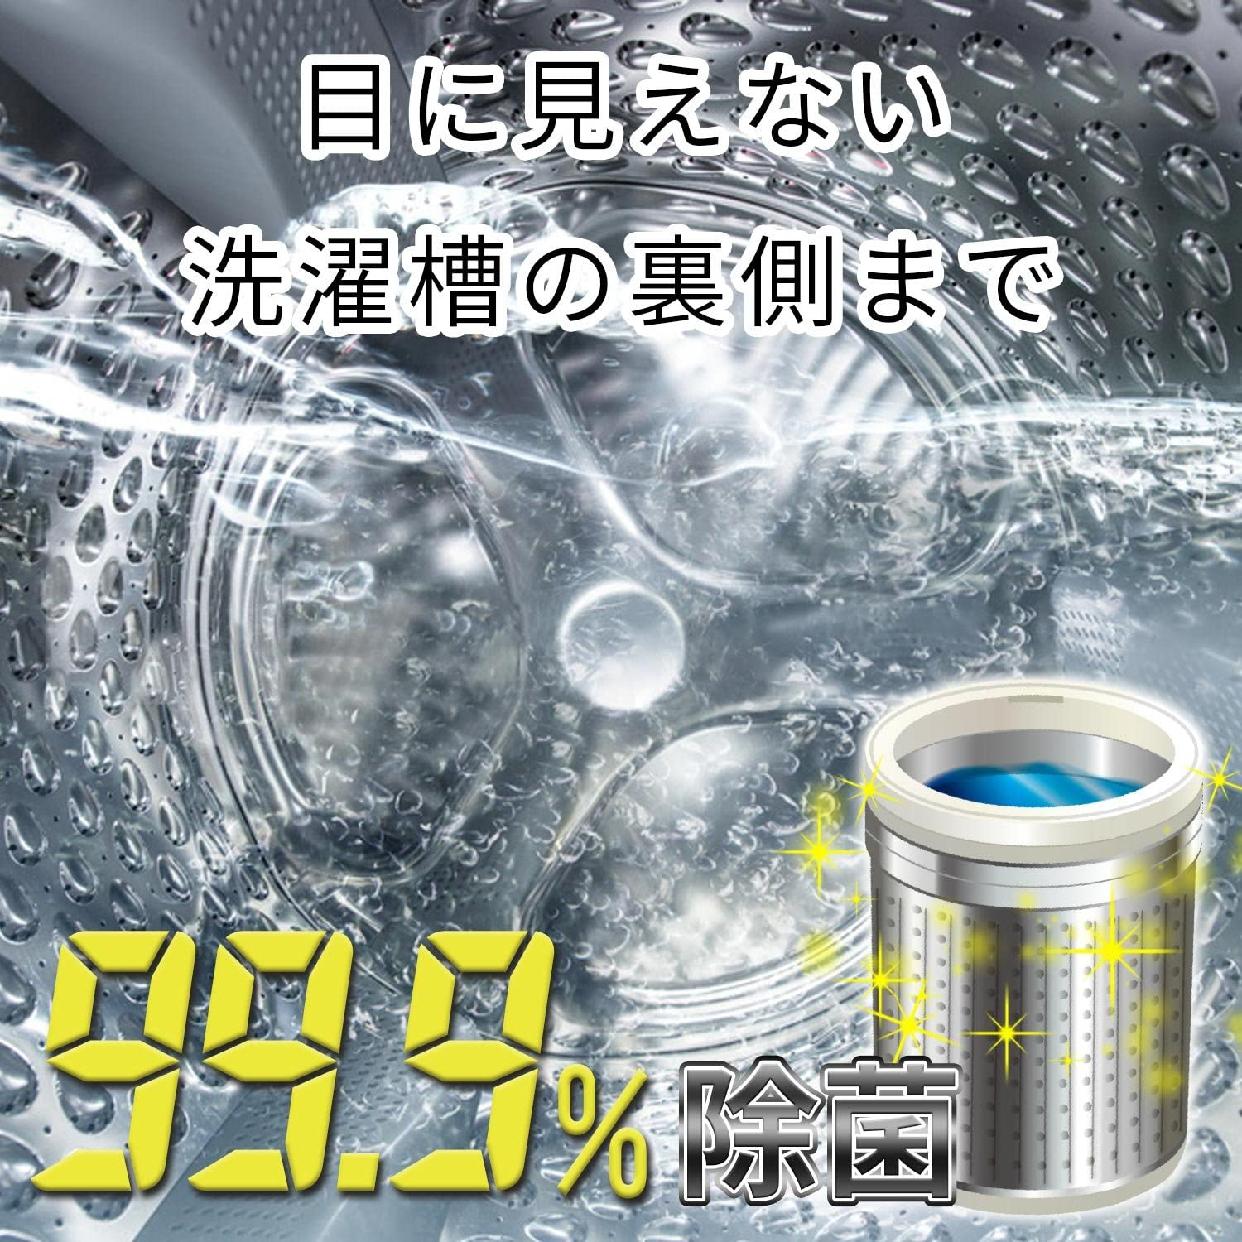 LEC(レック)激落ち 洗たく槽クリーナーの商品画像3